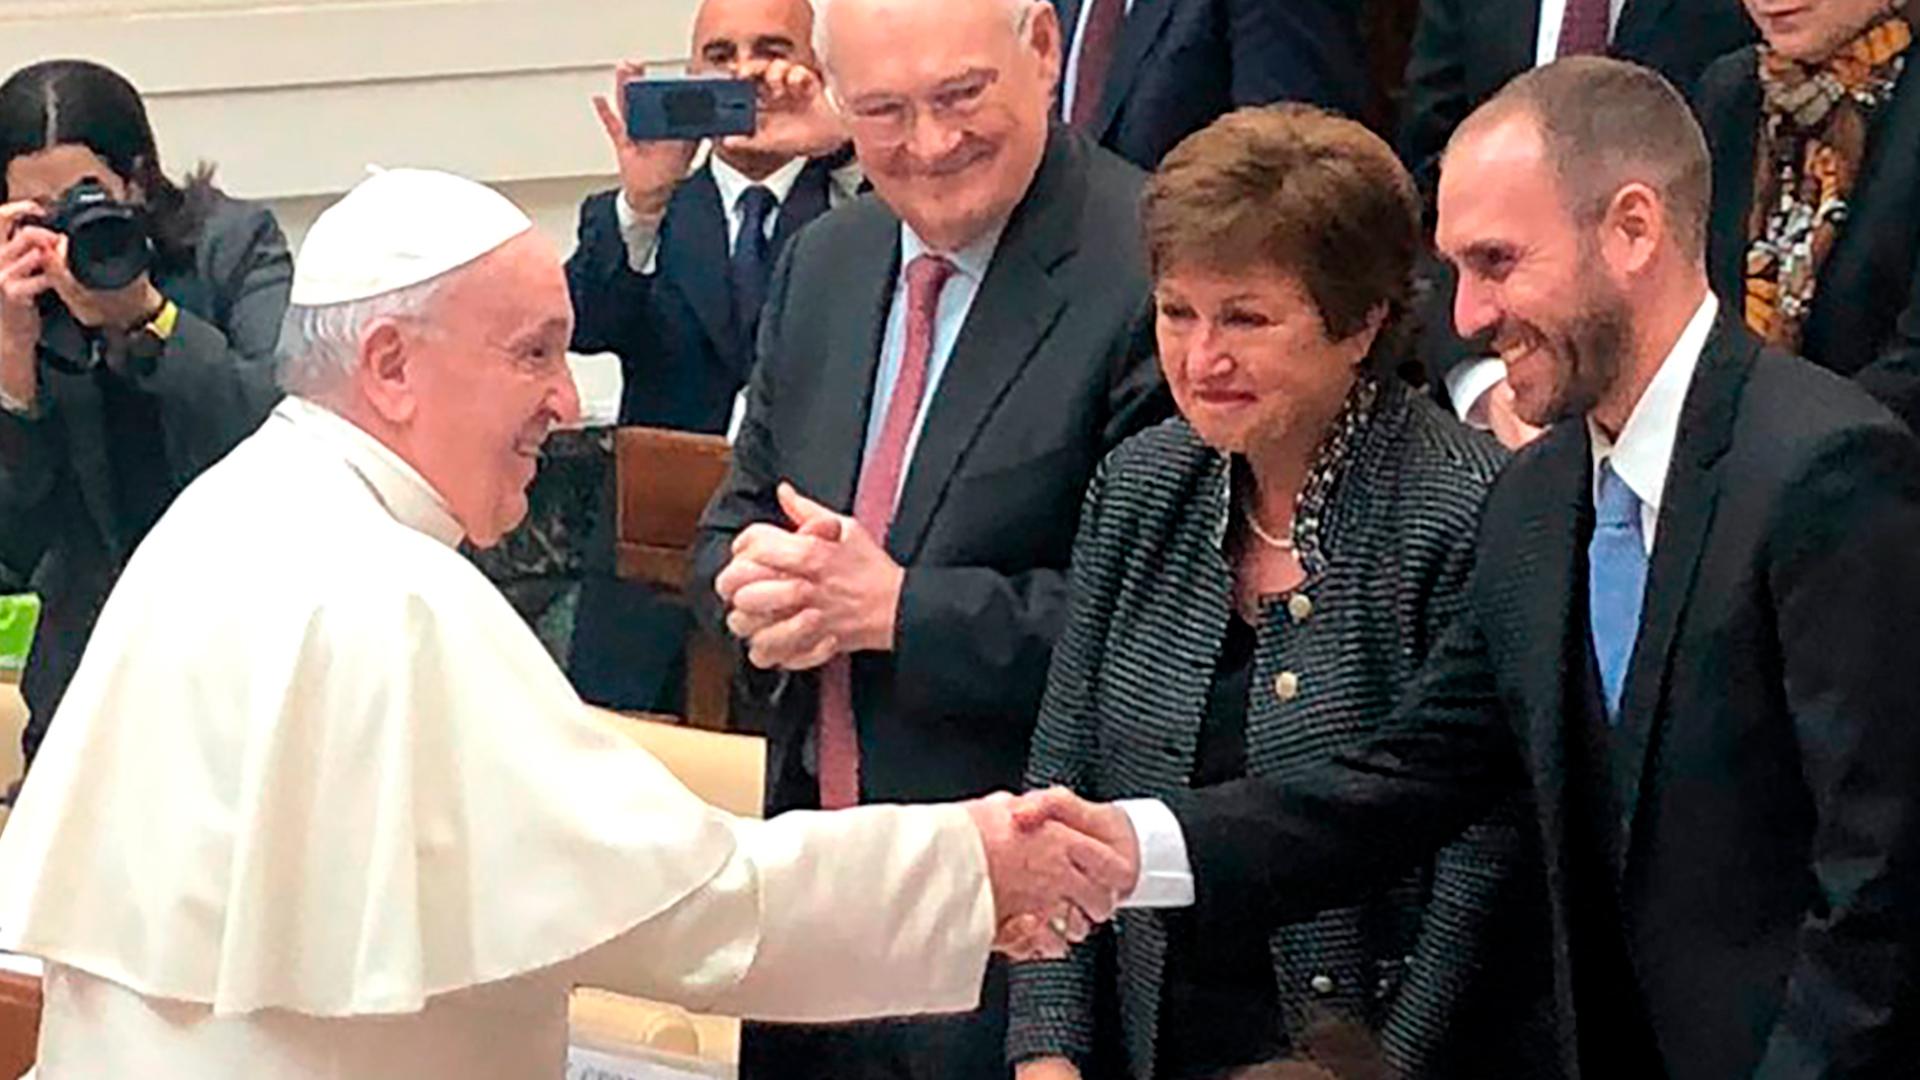 Frente a la directora del FMI, el papa Francisco llamó a dar alivio a los países endeudados y no exigir pagos con sacrificios insoportables - Infobae